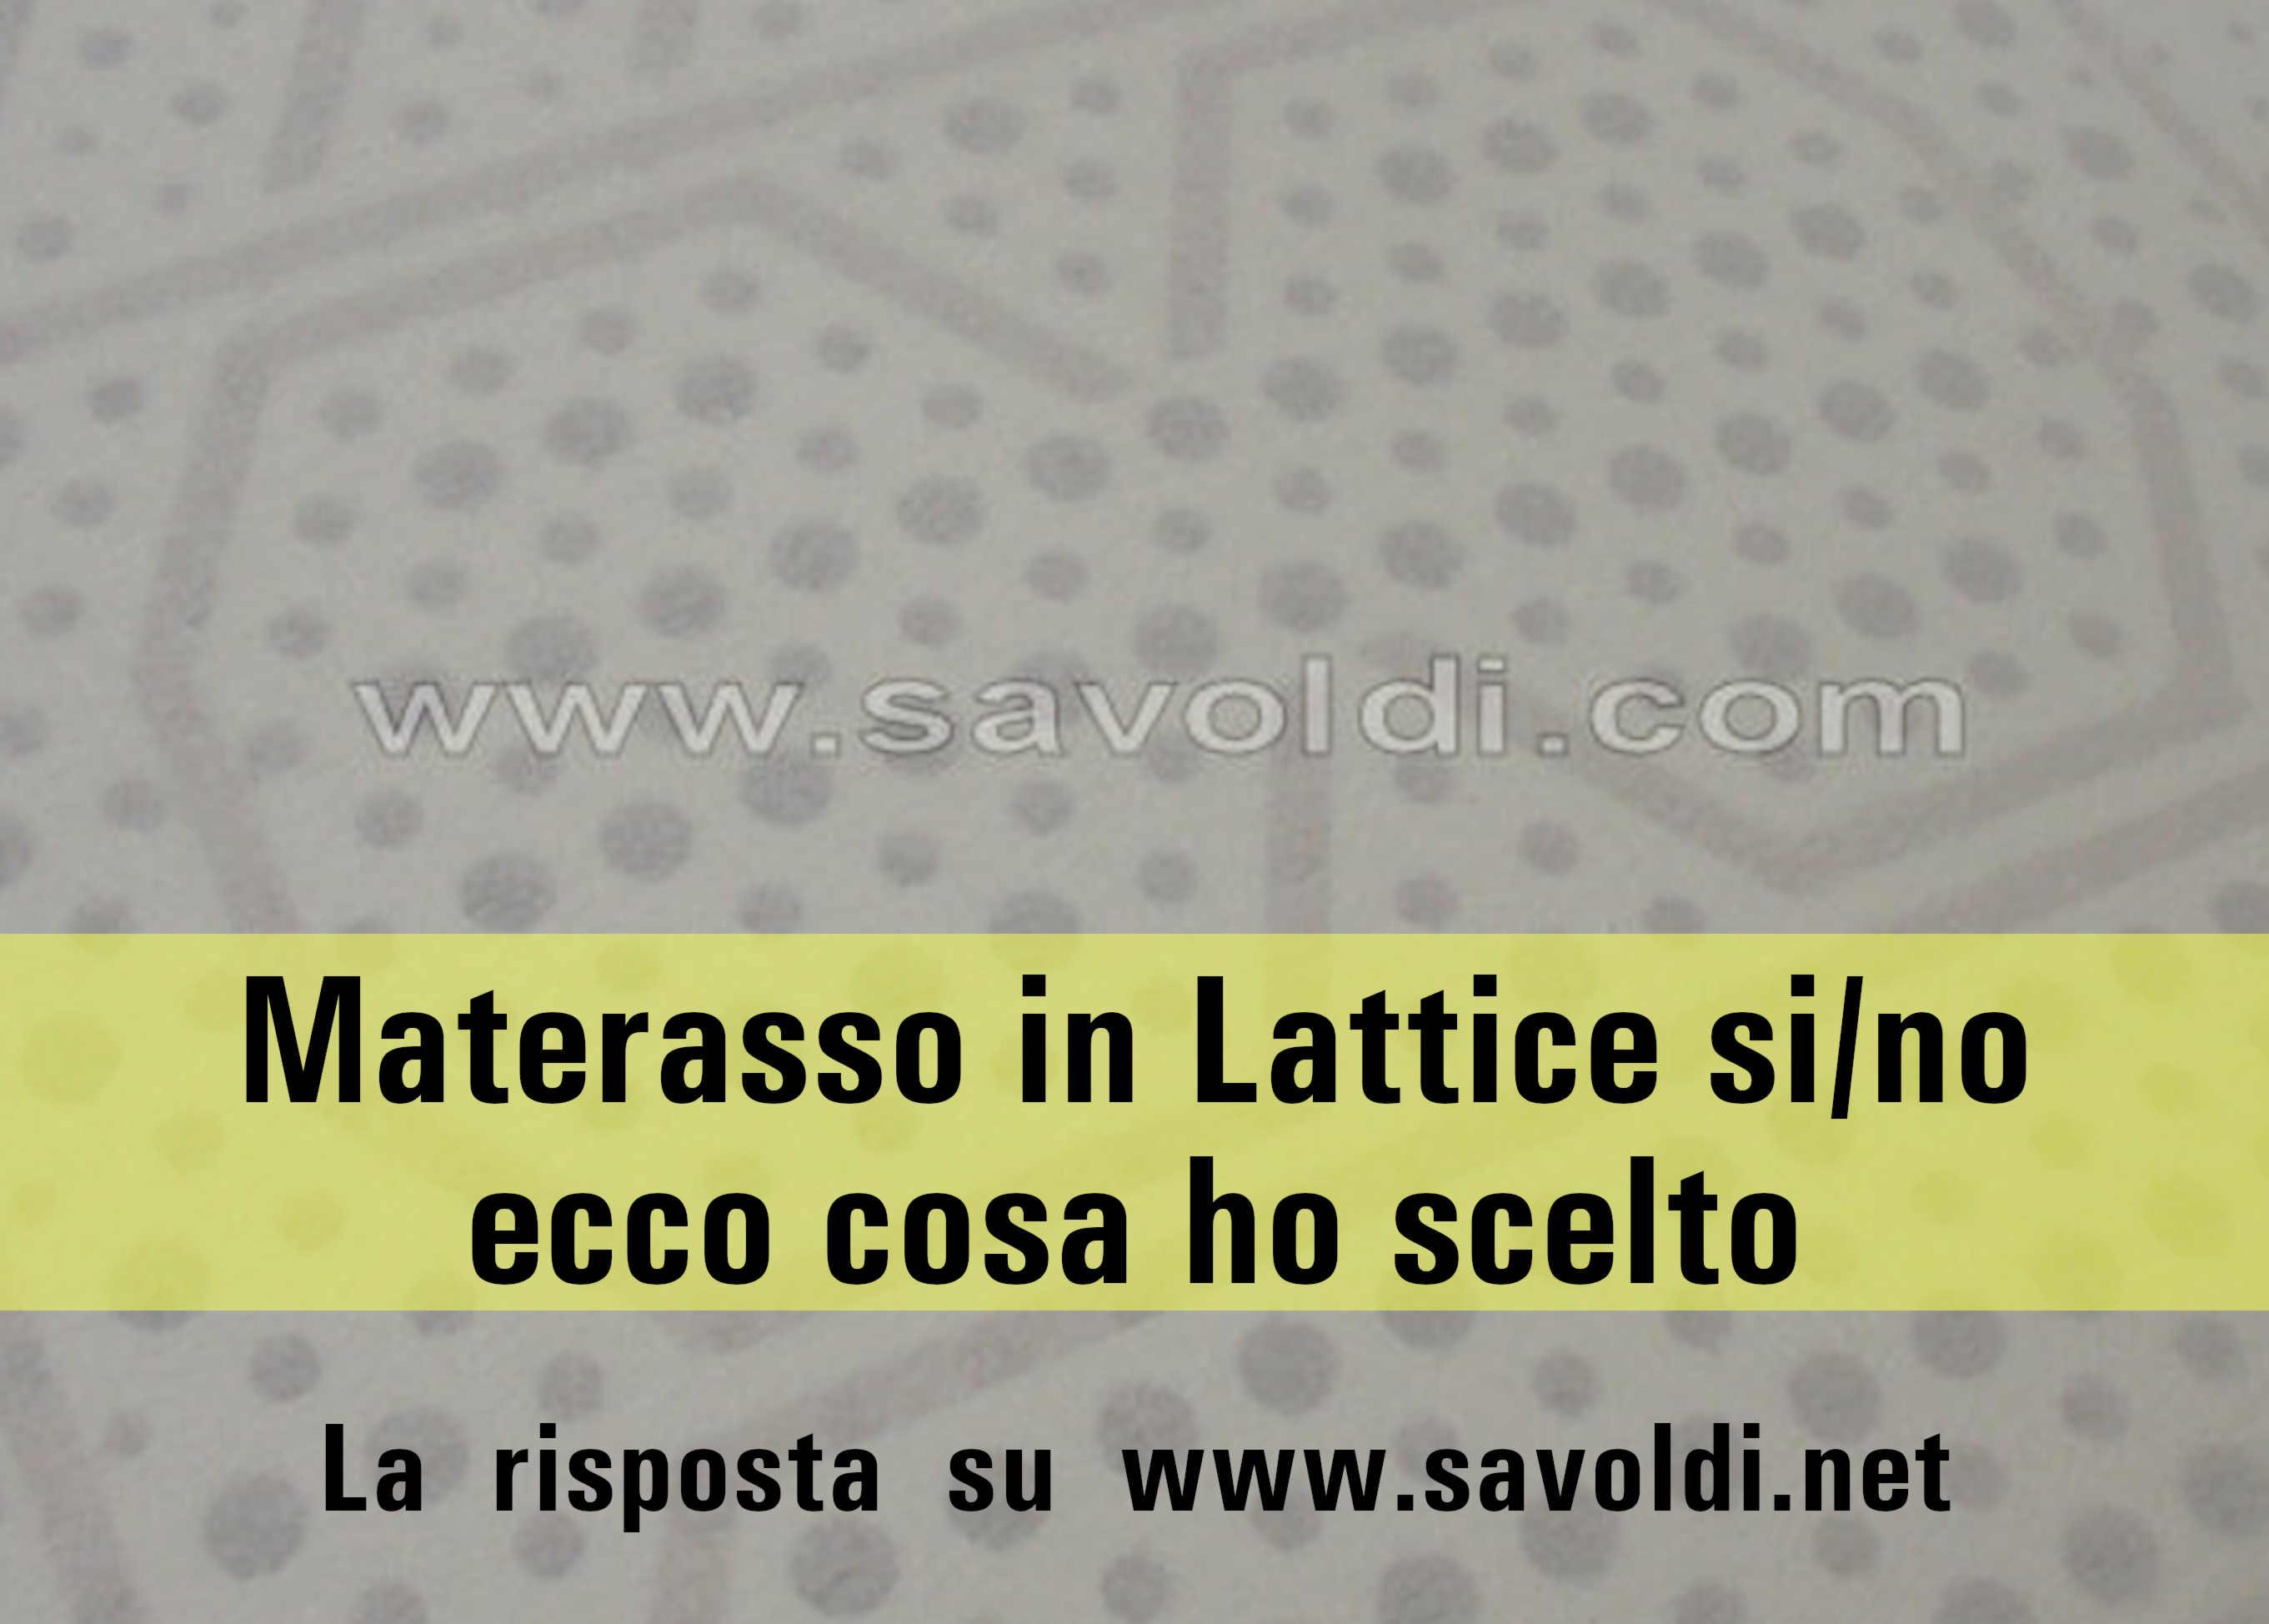 Manutenzione Materasso In Lattice materassi in lattice: perché ho deciso di scegliere altro?